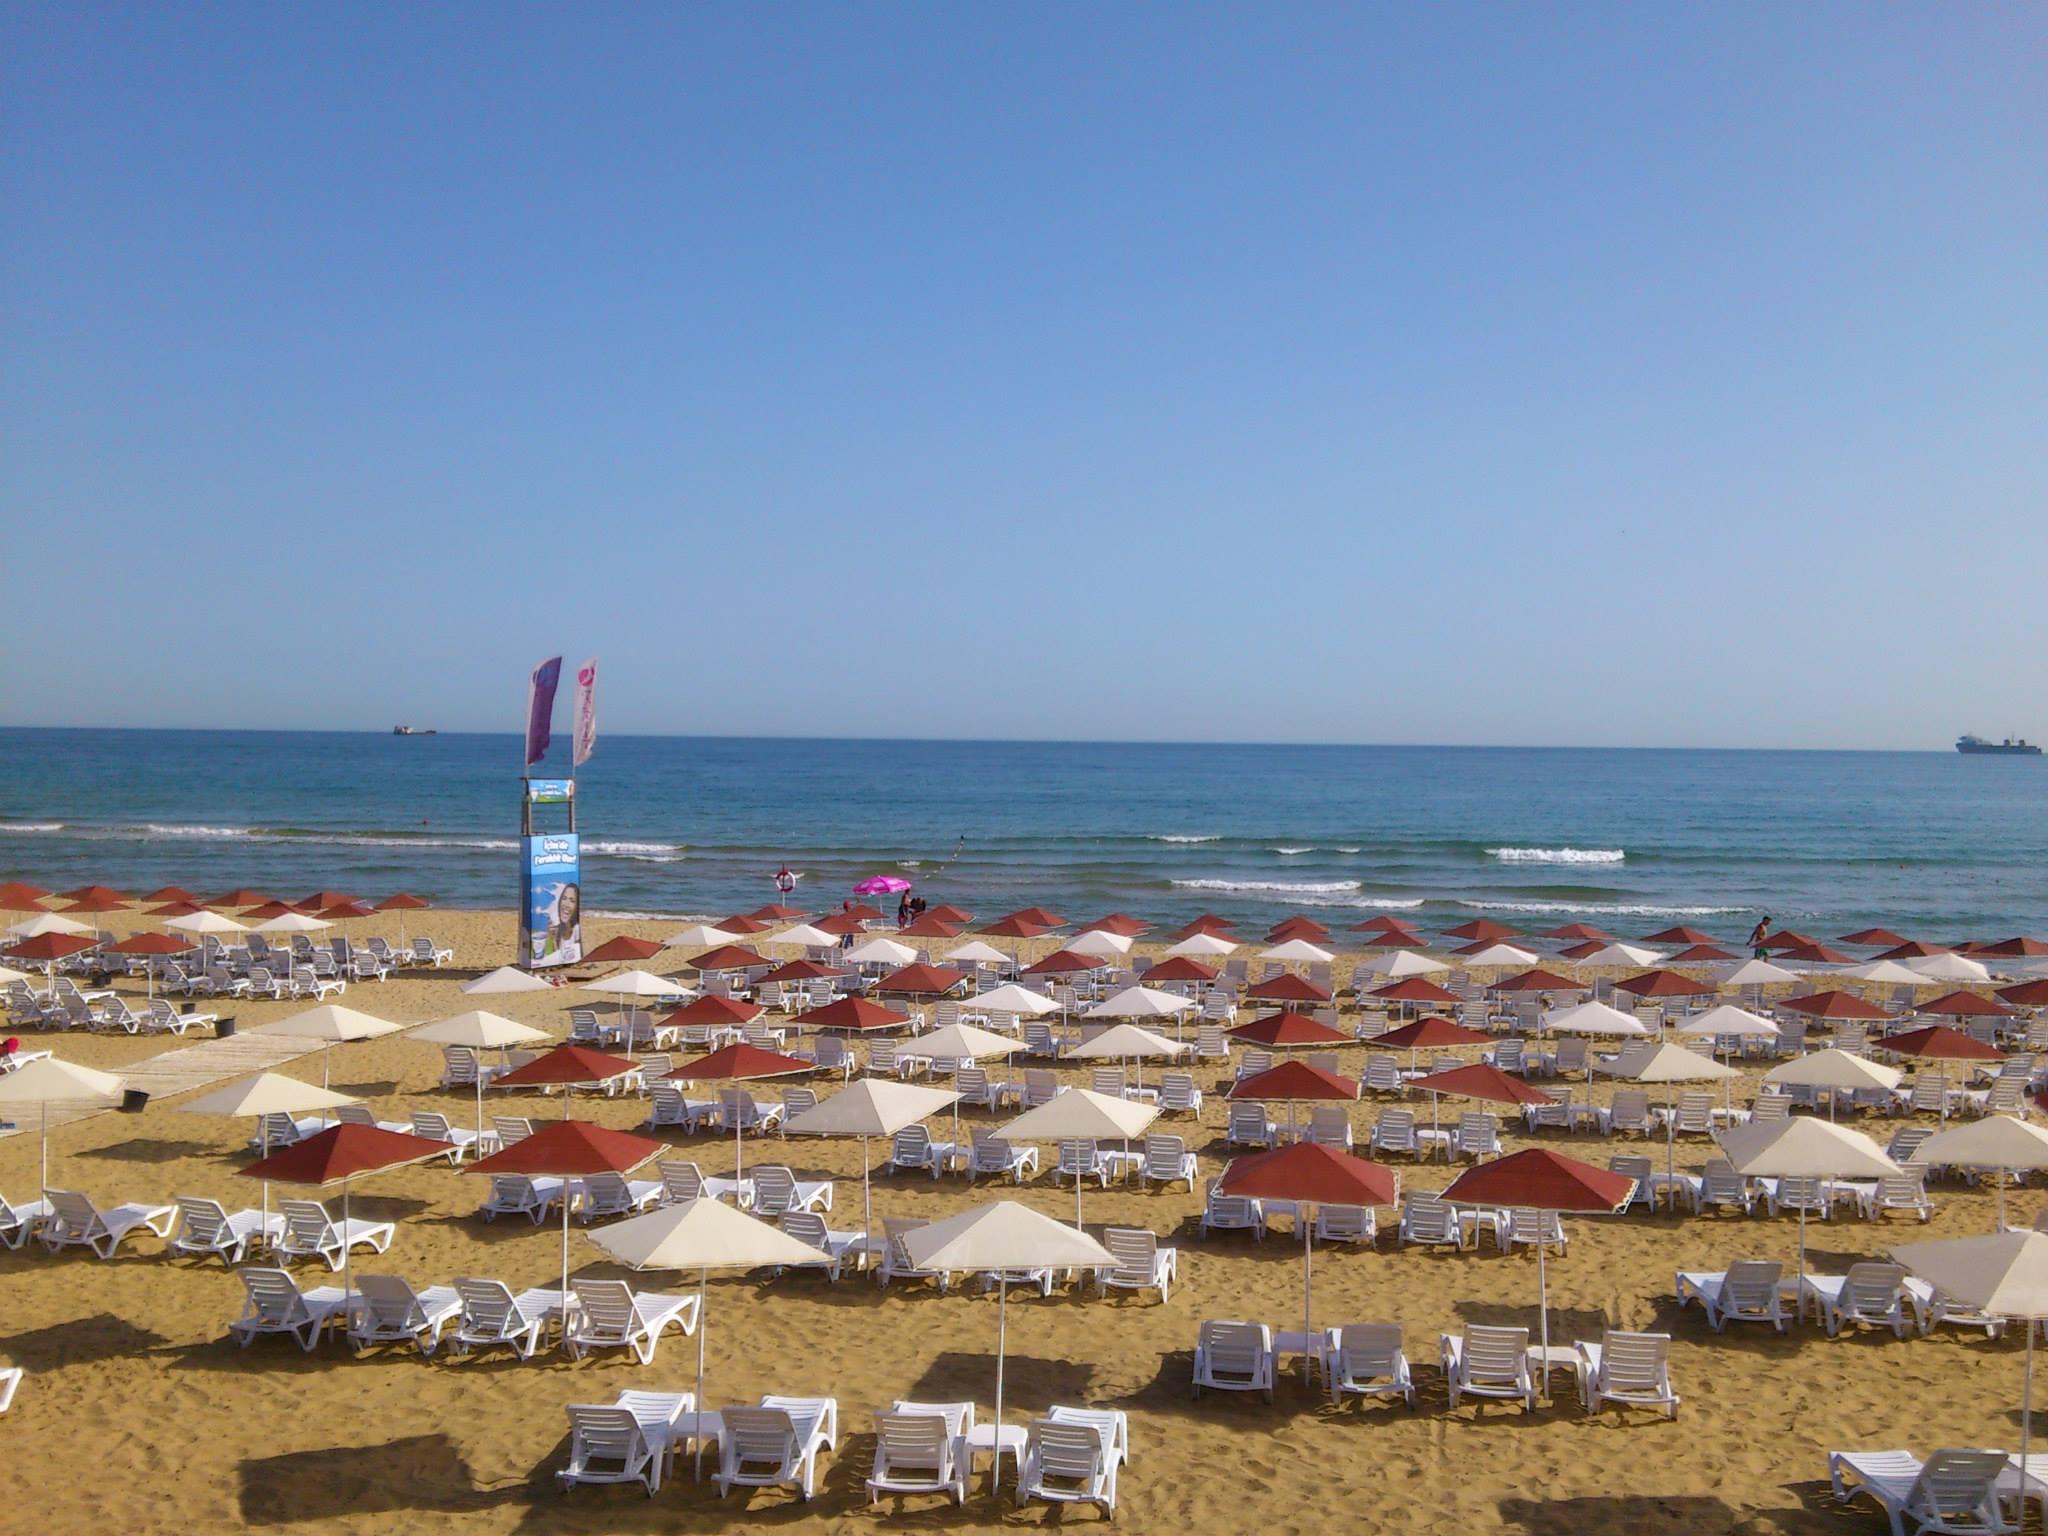 Tırmata Beach Giriş Ücretleri 2016